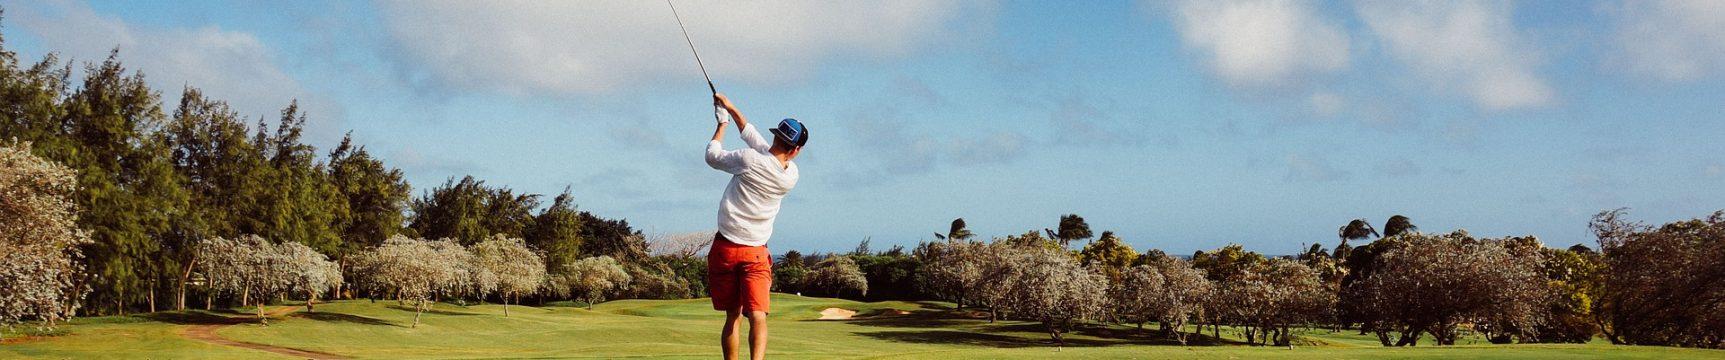 14. ročník PB středoškolského poháru v golfu